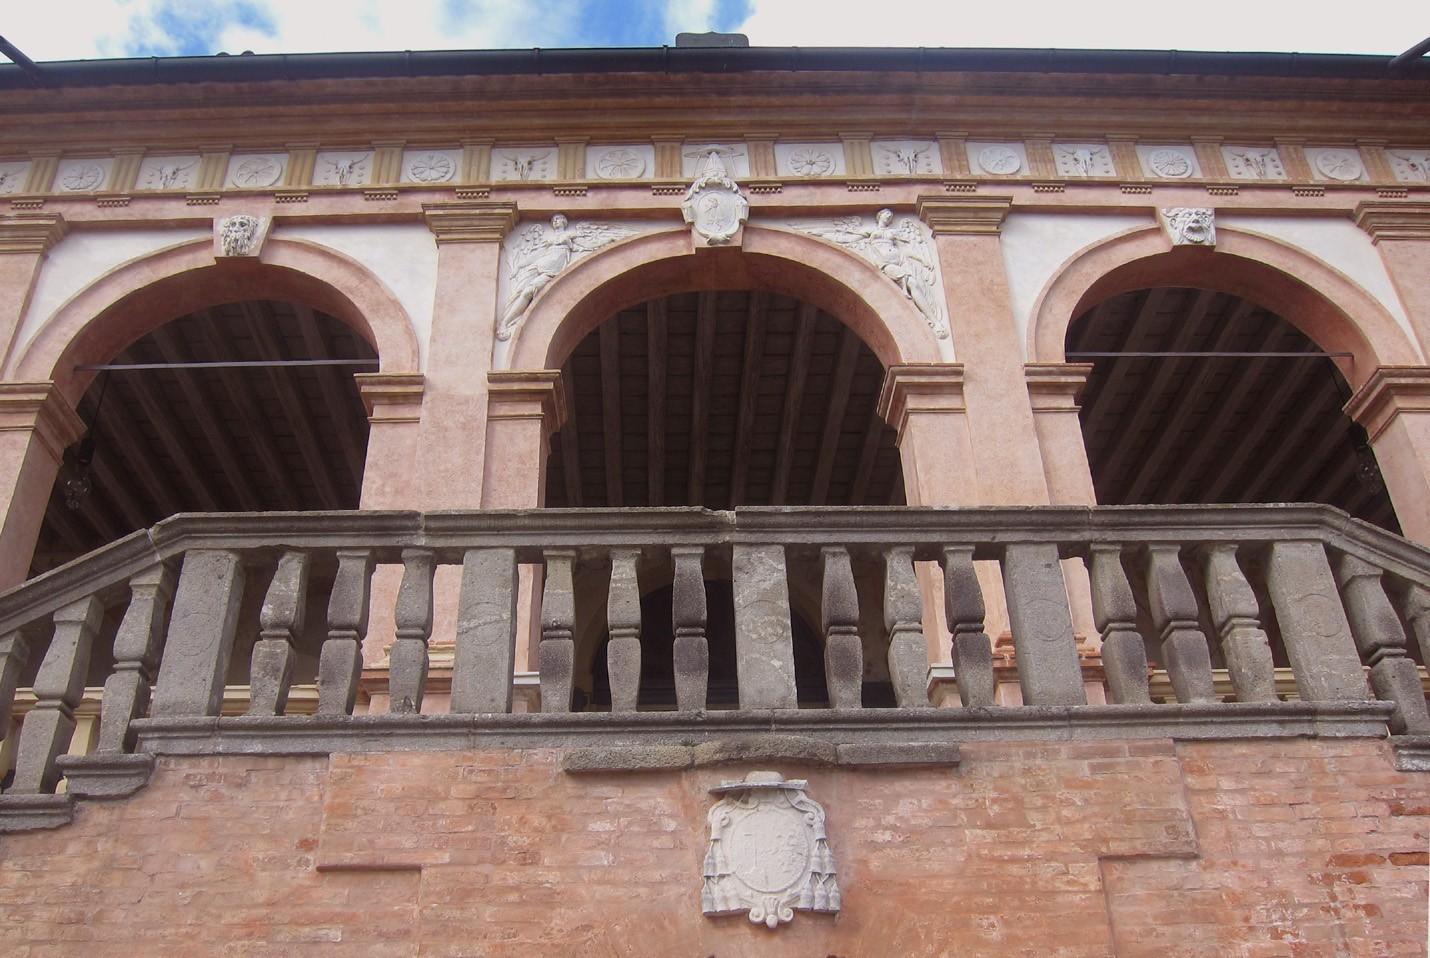 La villa dei vescovi tra i colli euganei vagabondi in italia for Ville architetti famosi